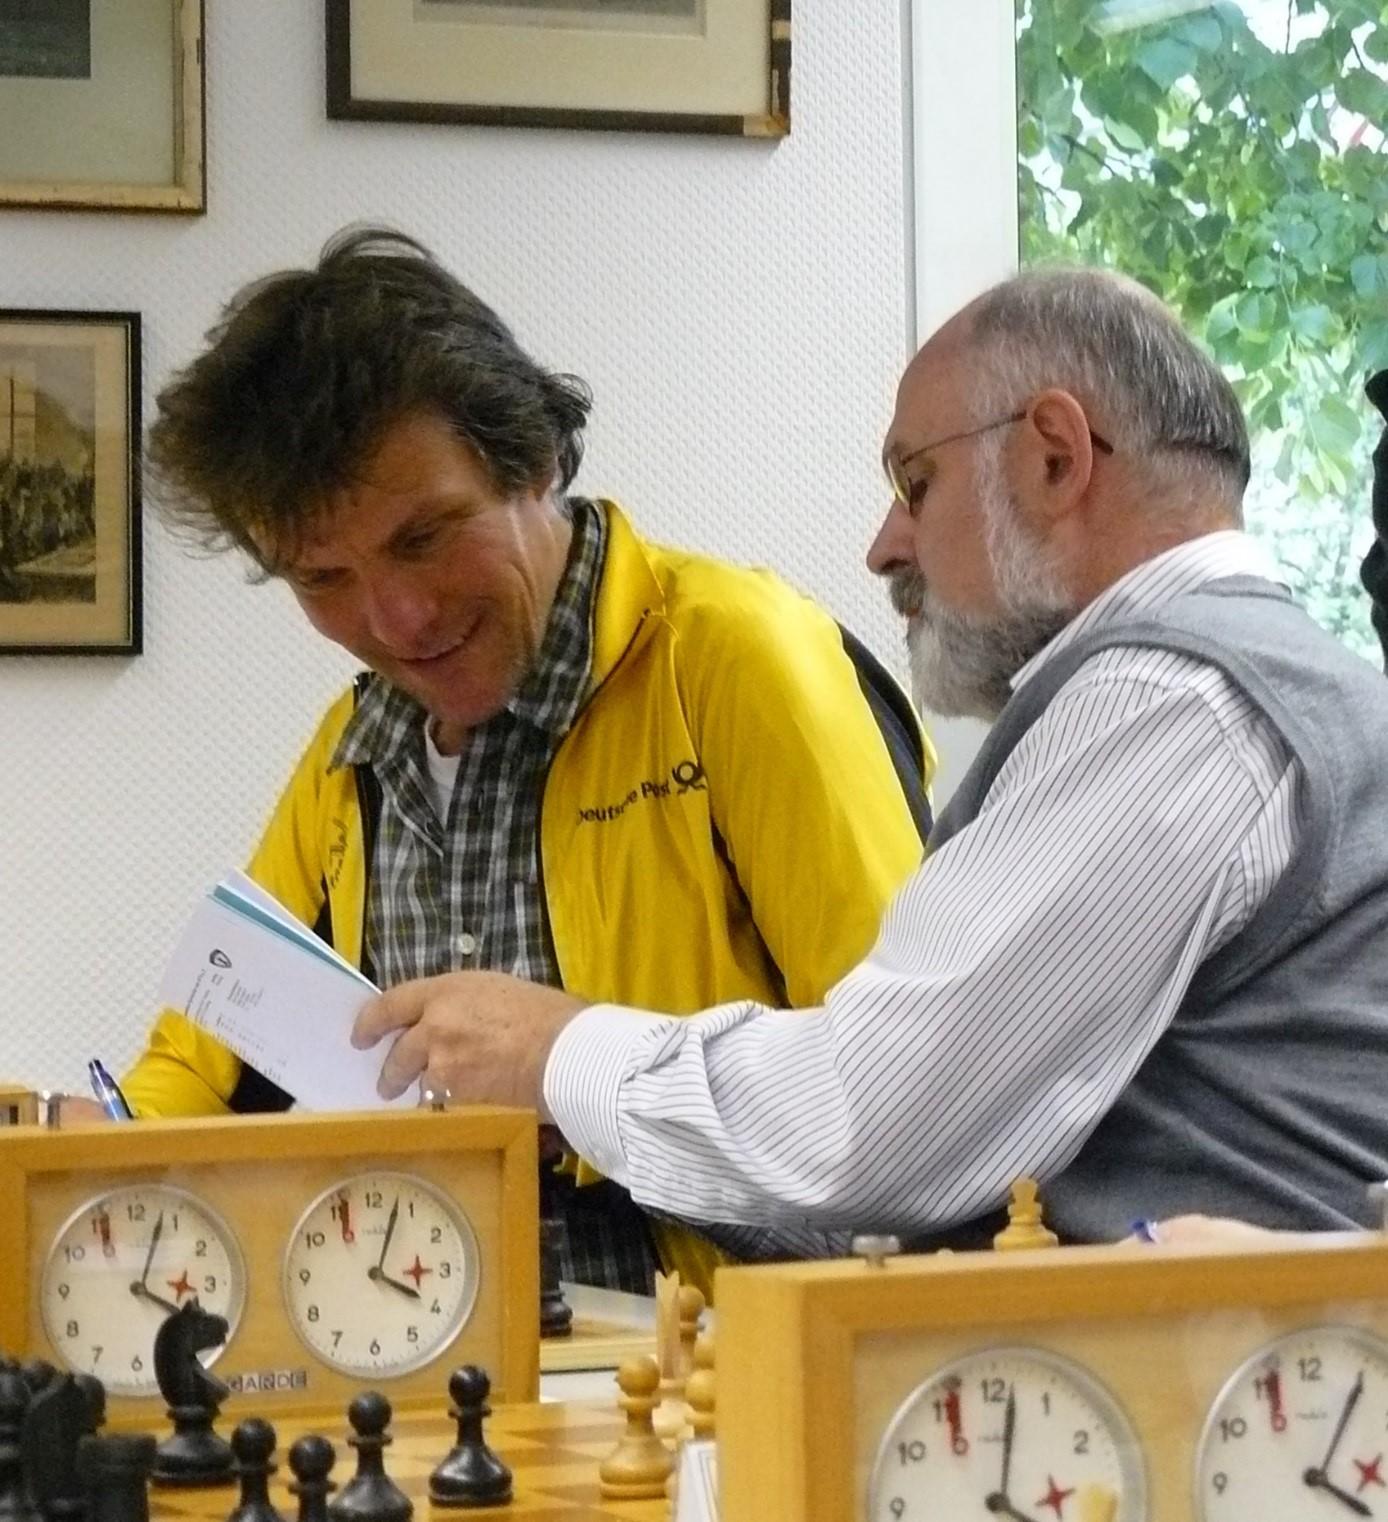 Die beiden langjährigen HSK 11 Mannschaftsführer Udo Figger und Kurt Kahrsch  (Aufnahme aus dem Jahr 2009 aus dem Wettkampf HSK 11 gegen Marmstorf)